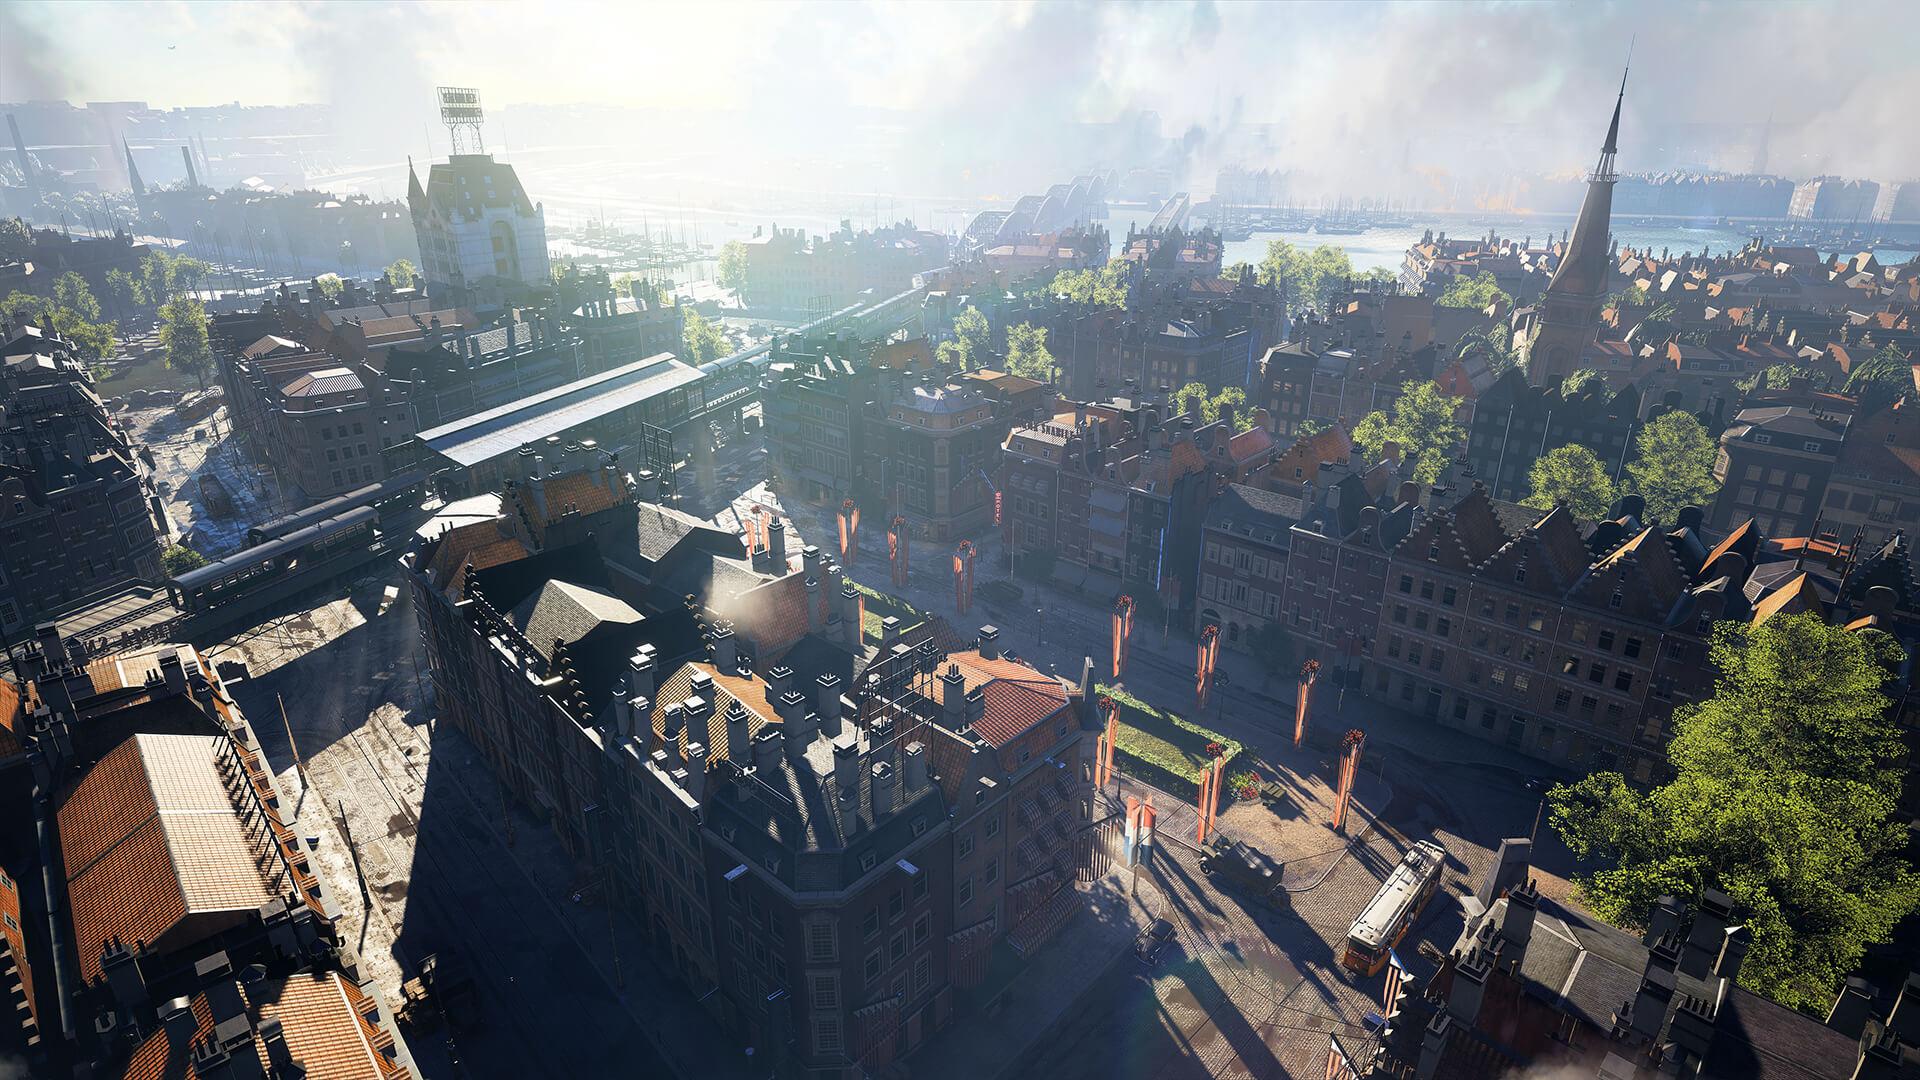 На иллюстрации снимок экрана из игры Battlefield V — изображена городская карта игры с видом сверху